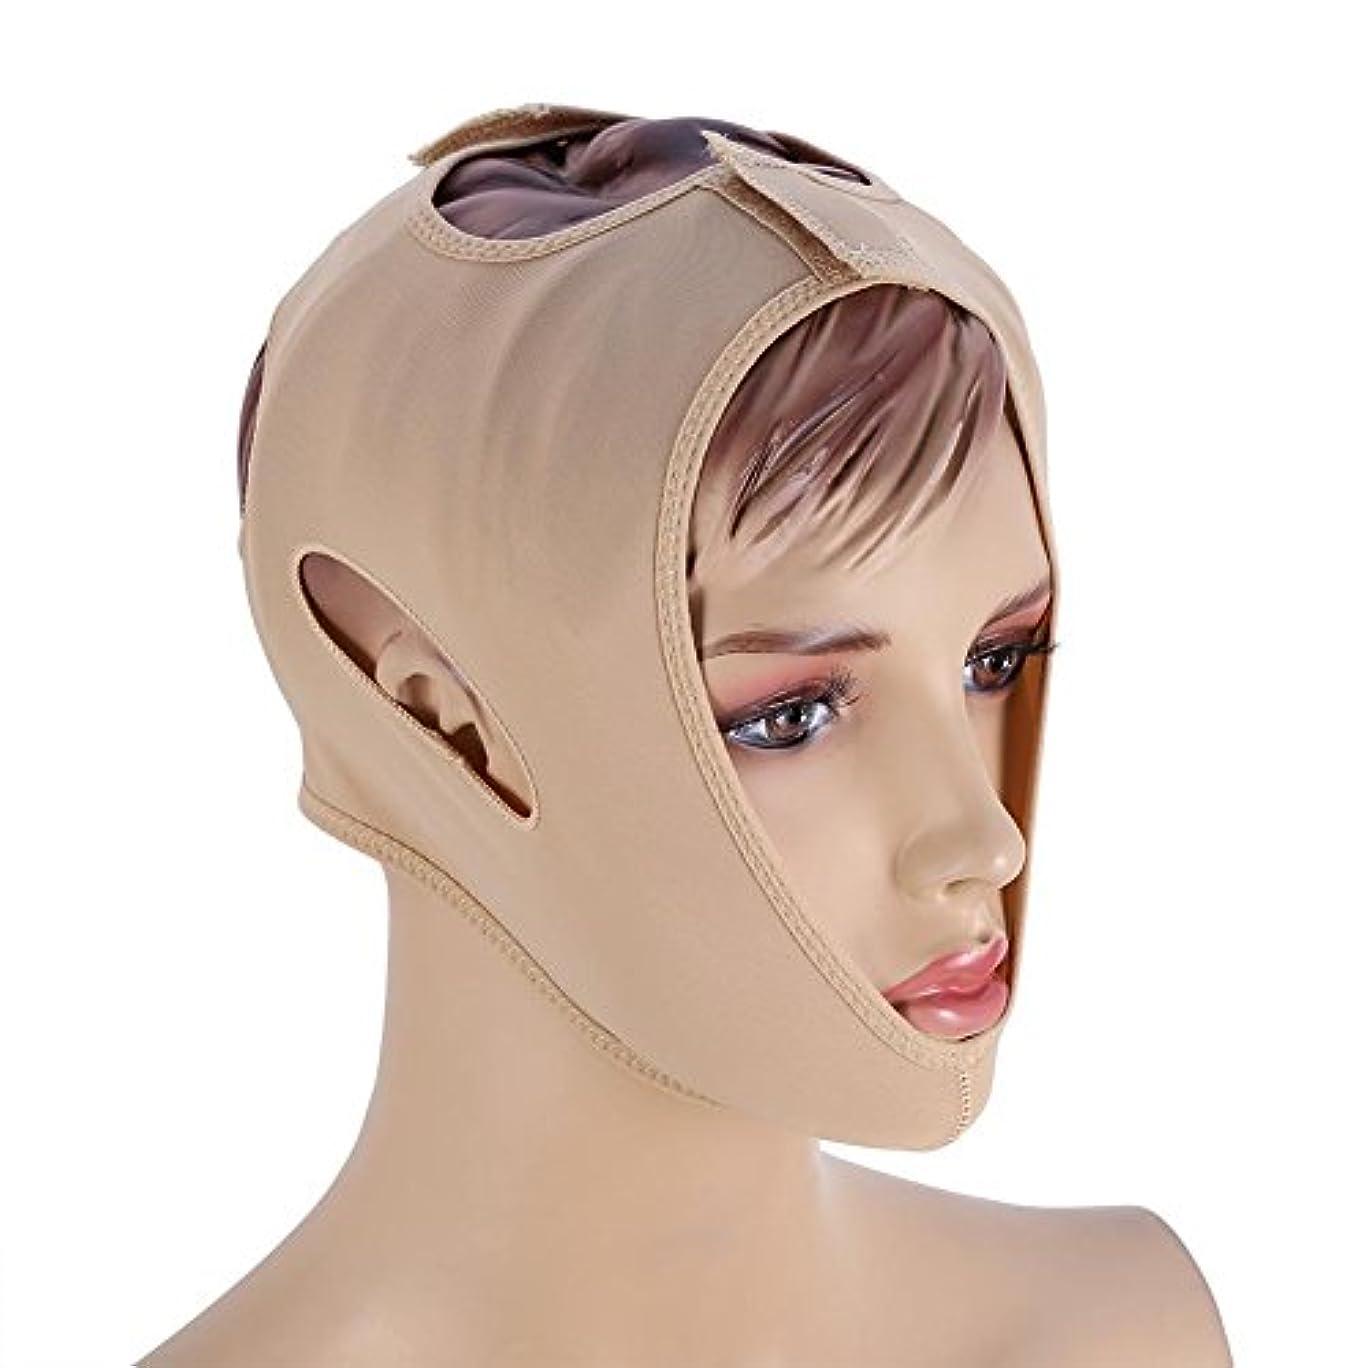 活発気晴らし冷蔵するフェイスベルト 額、顎下、頬リフトアップ 小顔 美顔 頬のたるみ 引き上げマスク便利 伸縮性 繊維 (L码)